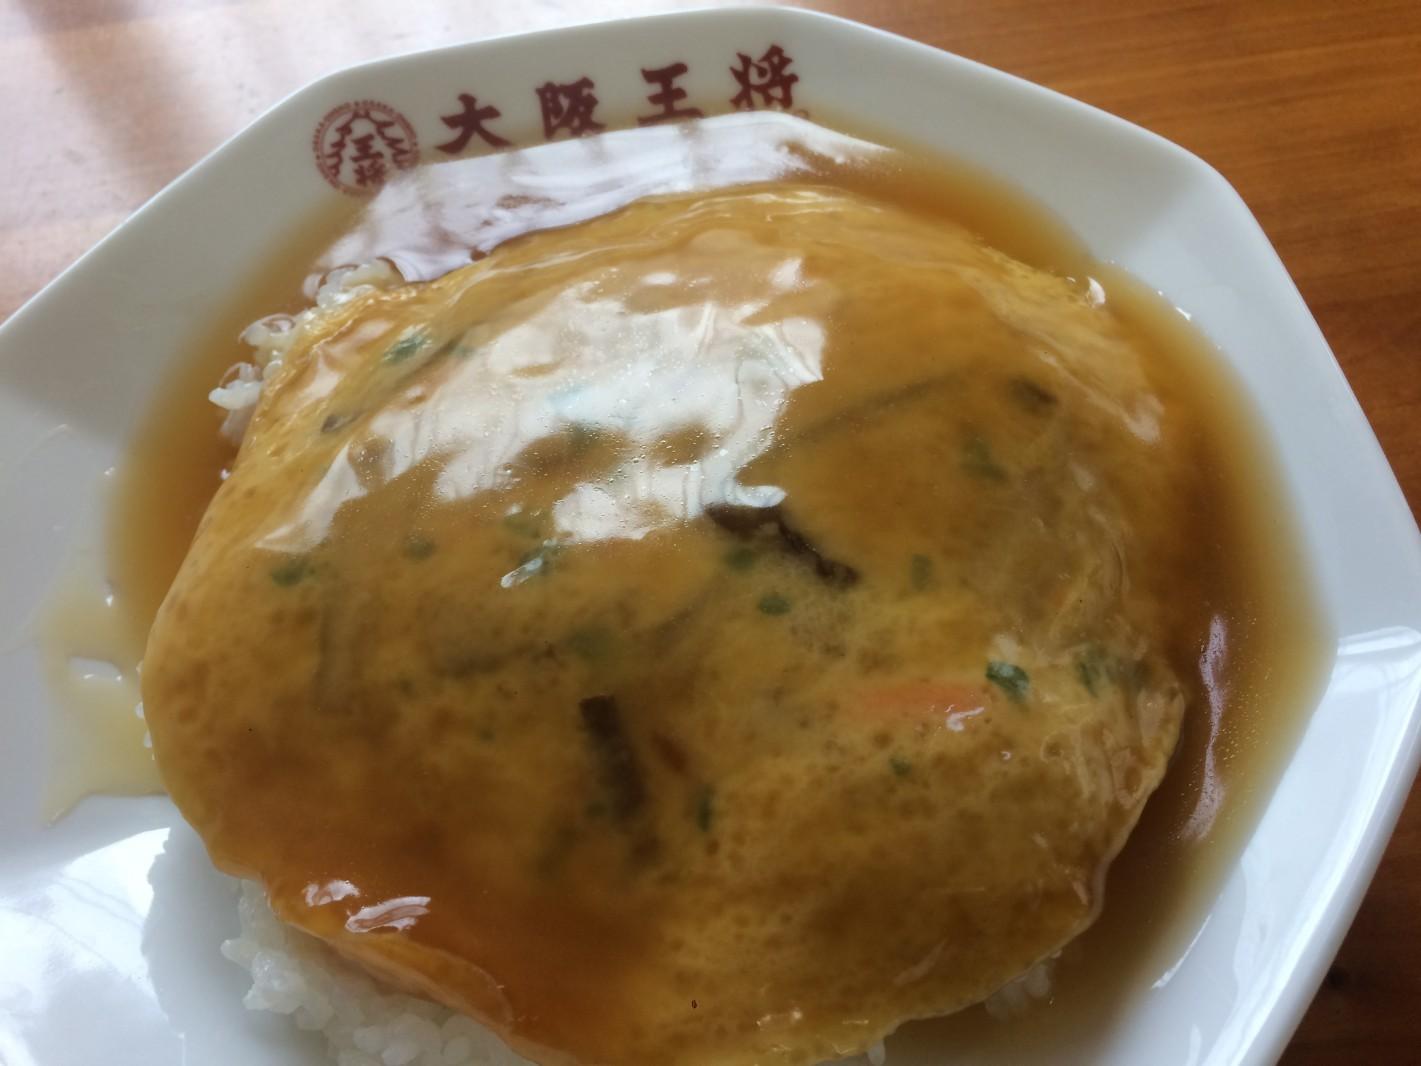 外食? いえいえ冷凍食品中華ランチ。お昼に美味しい、生協の冷凍食品